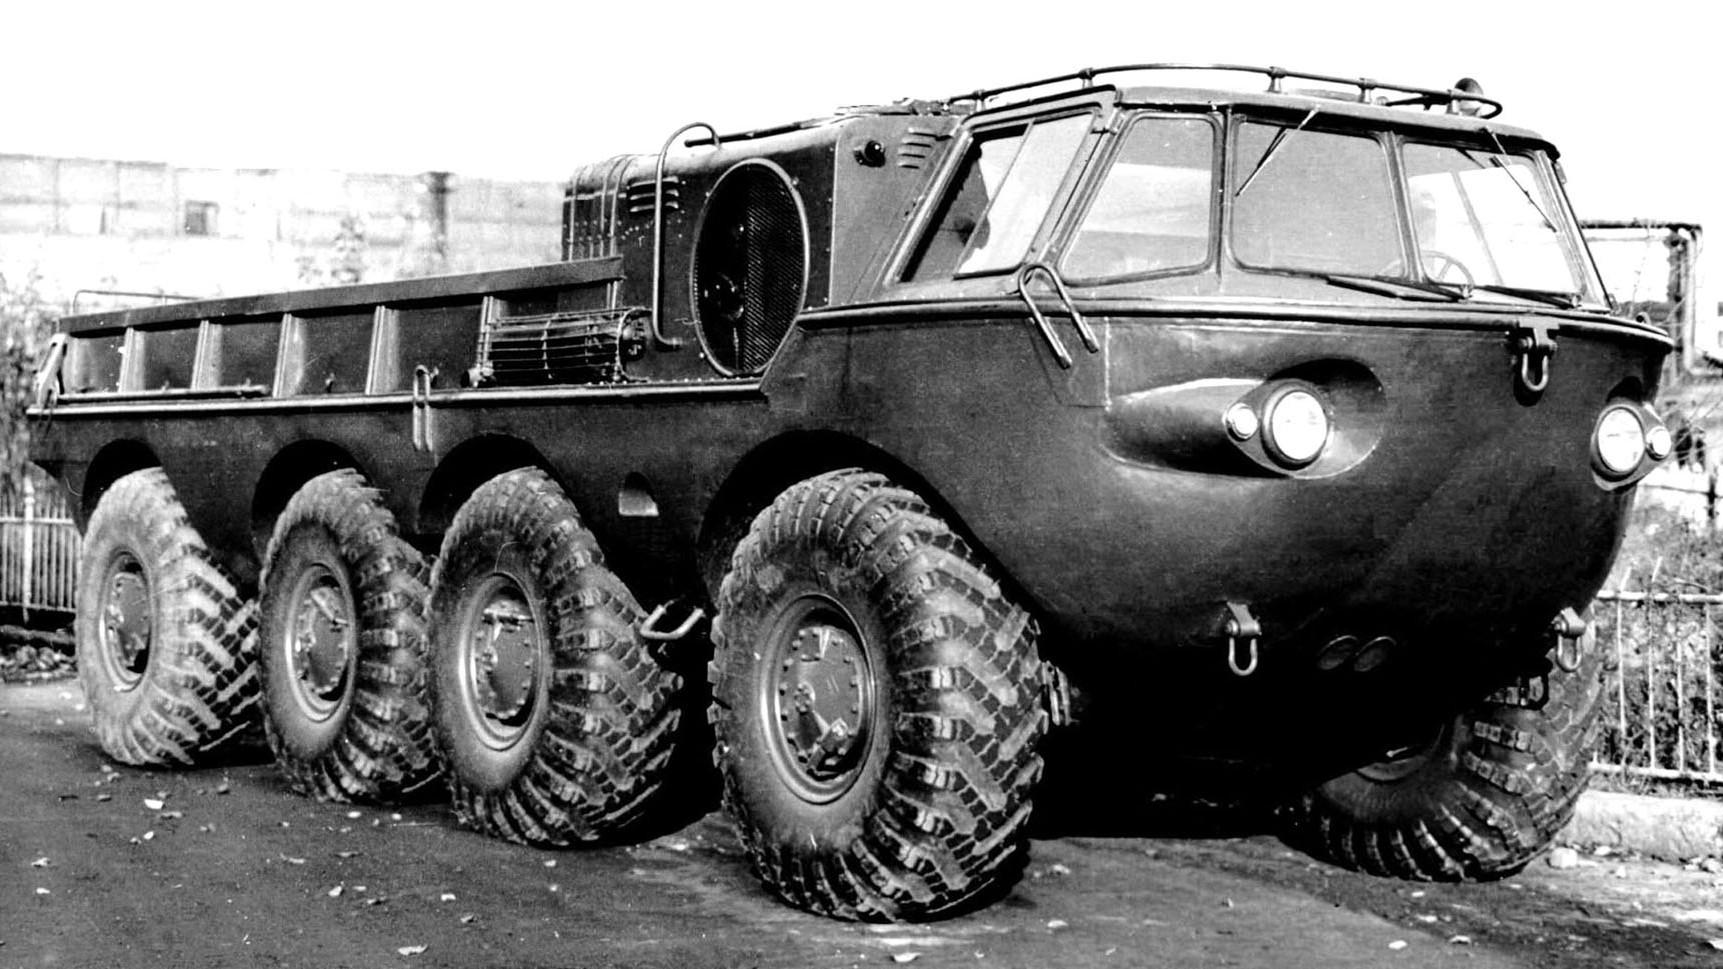 260-сильная амфибия ЗИЛ-135 со сварным корпусом. 1958 год